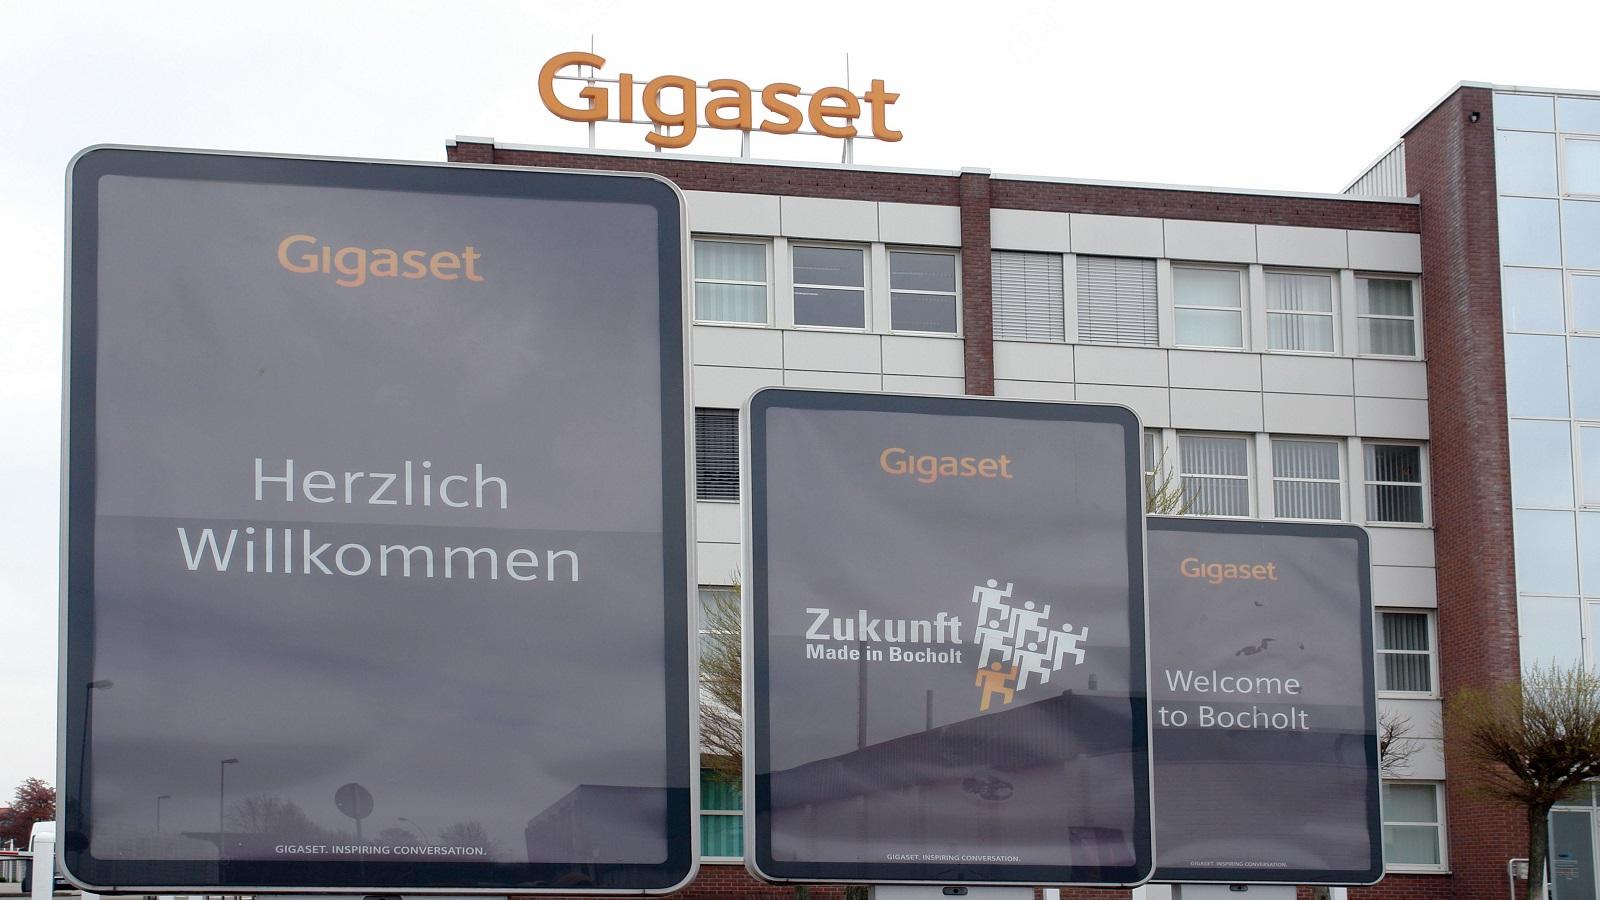 Die Firmenzentrale von Gigaset in Bocholt